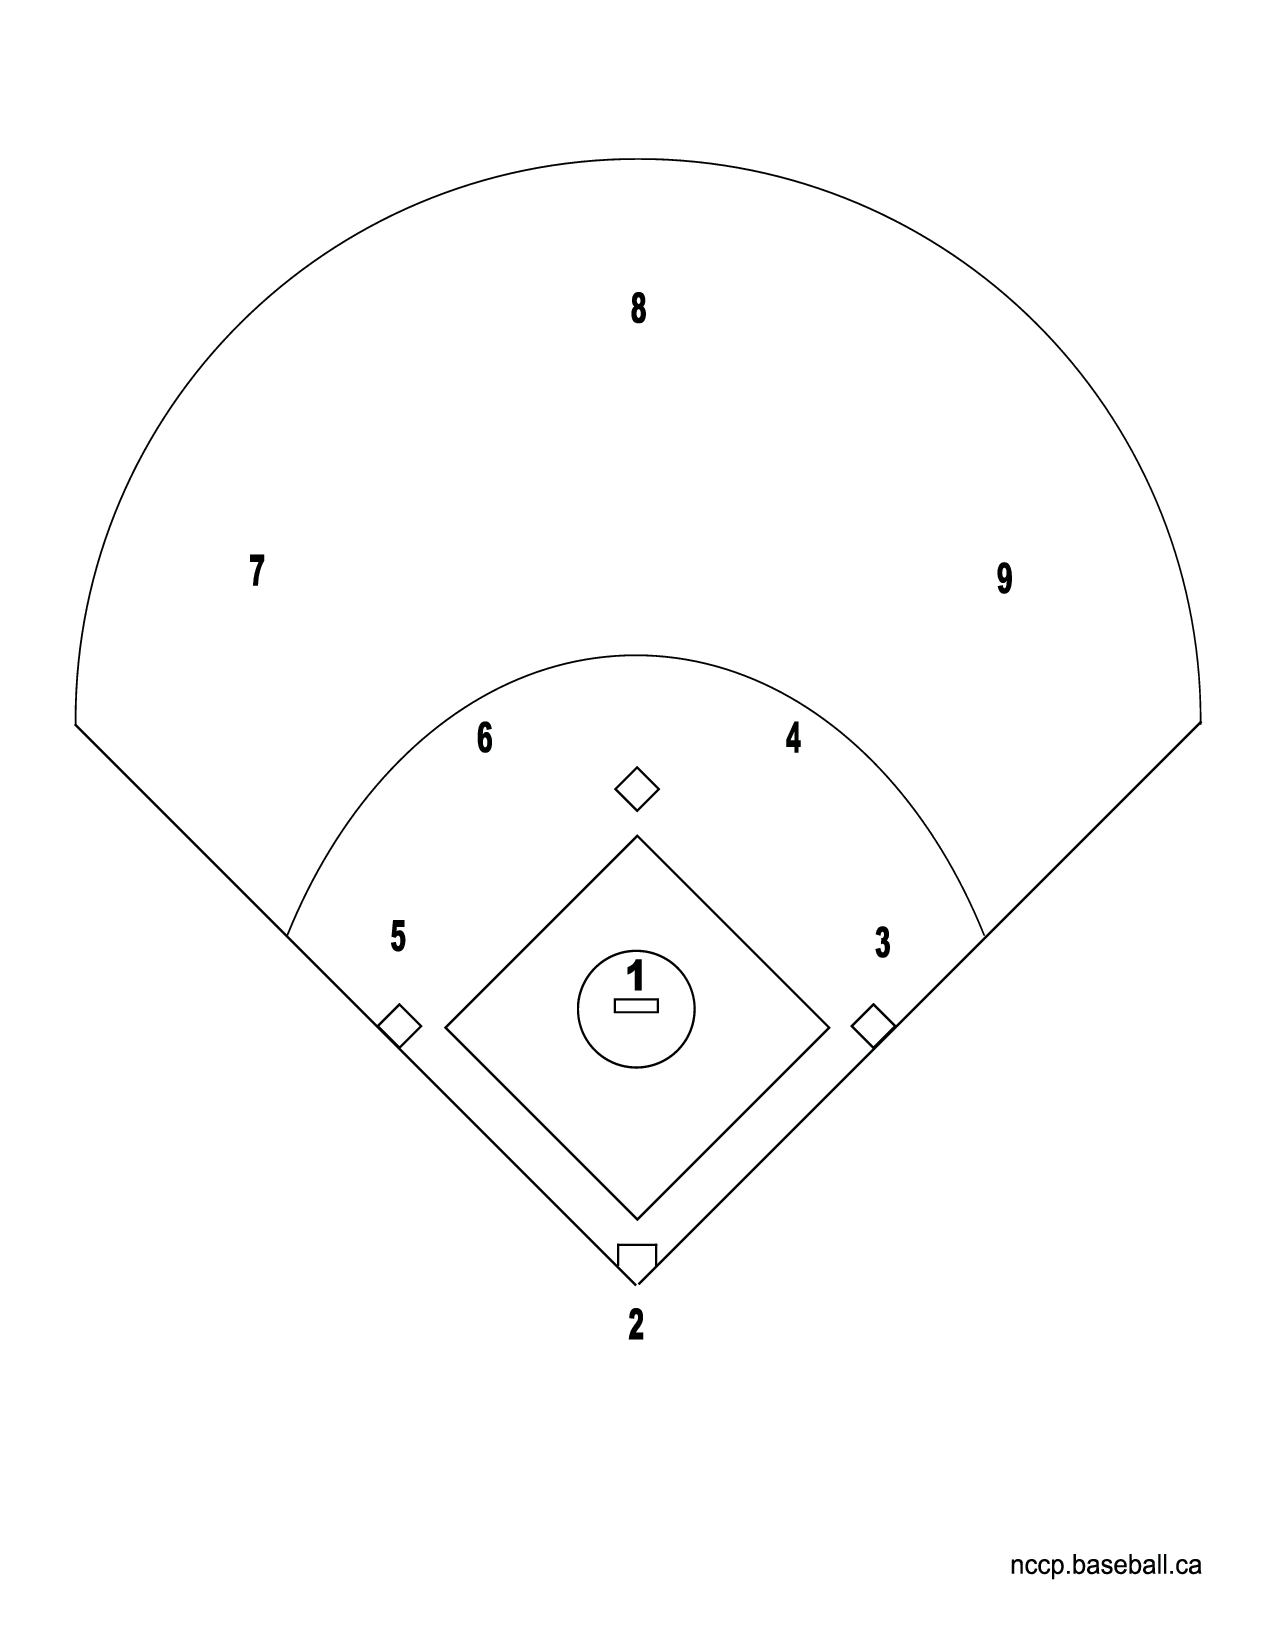 photograph relating to Printable Baseball Diamond titled Printable Baseball Diamond Diagram - Resume Illustrations